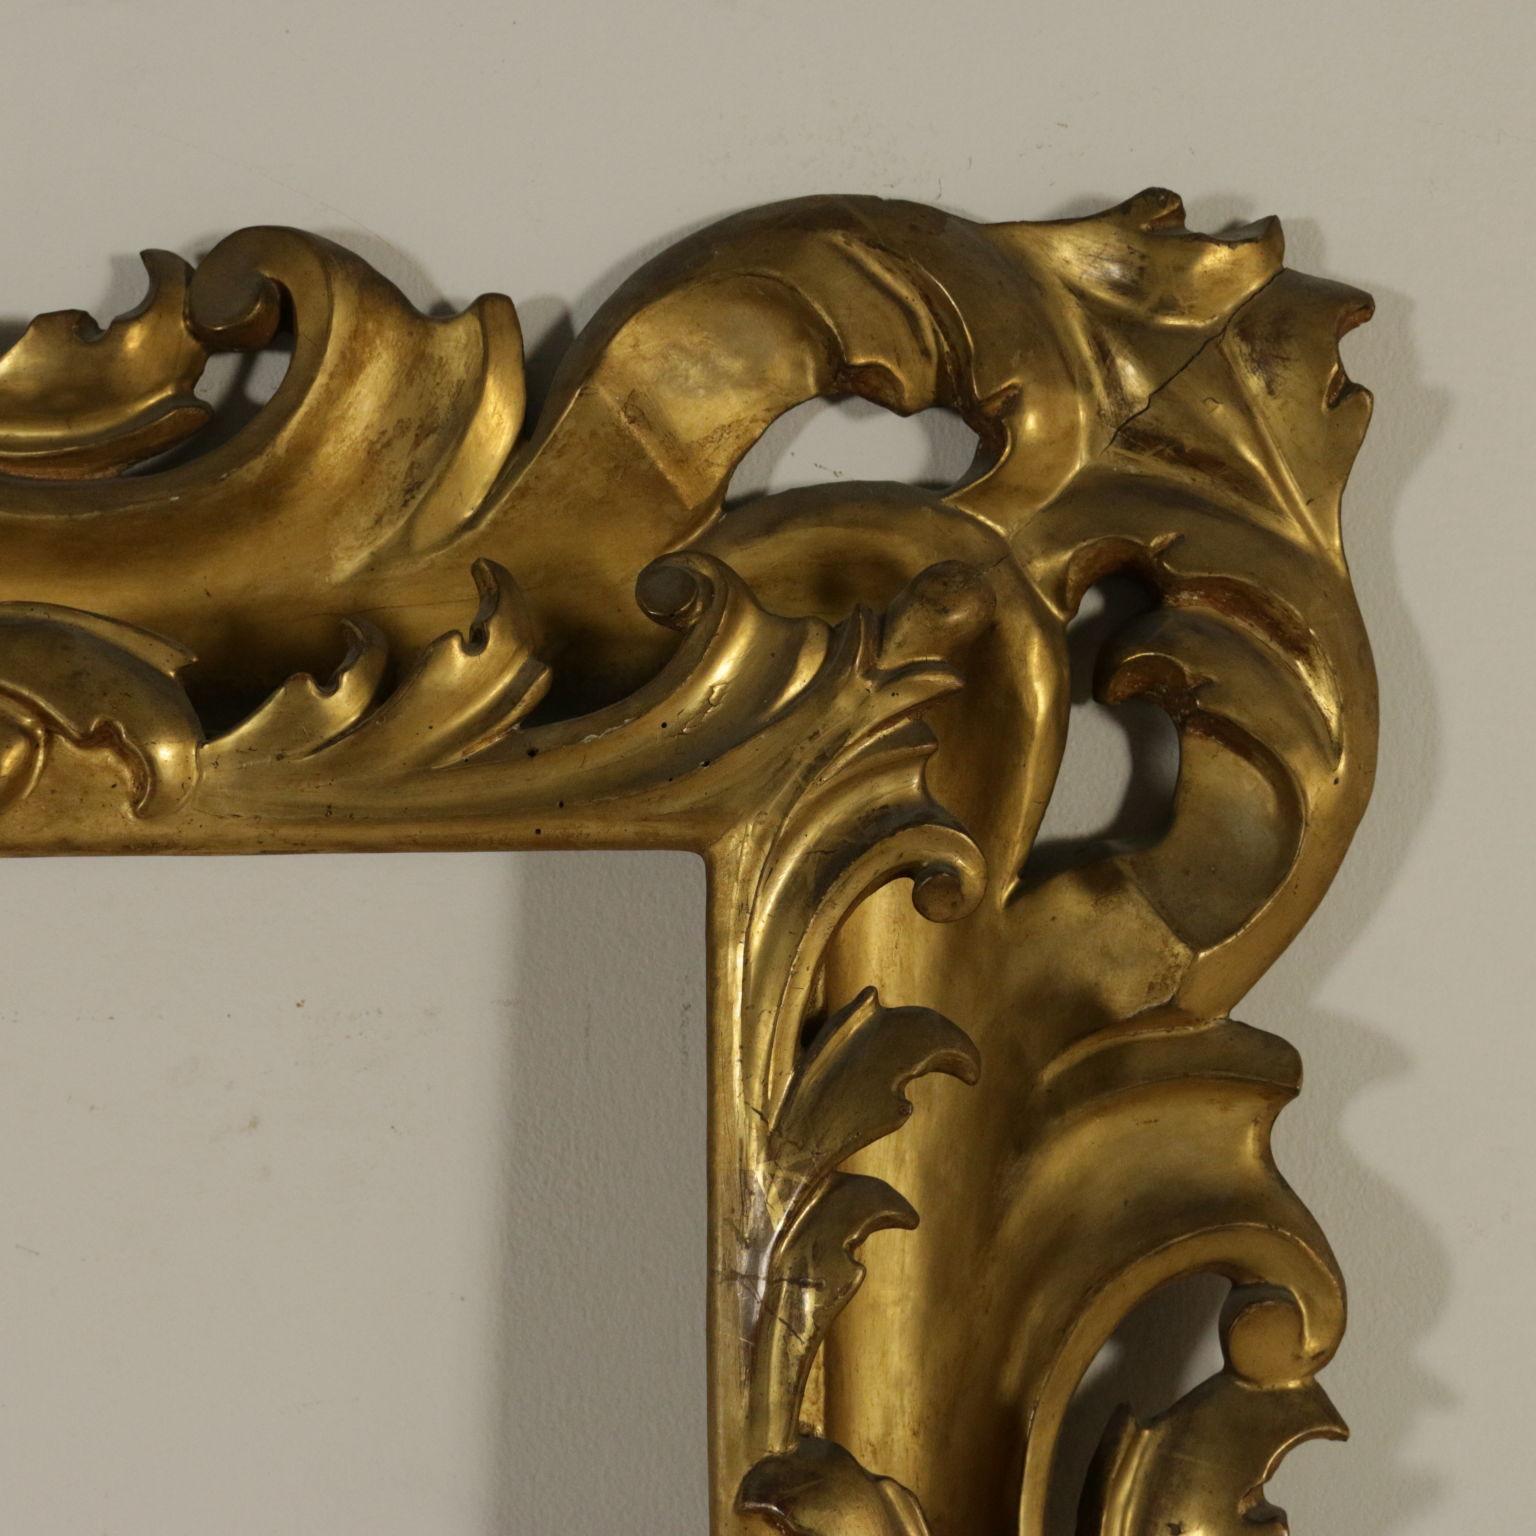 Grande specchiera barocca specchi e cornici for Specchiera barocca